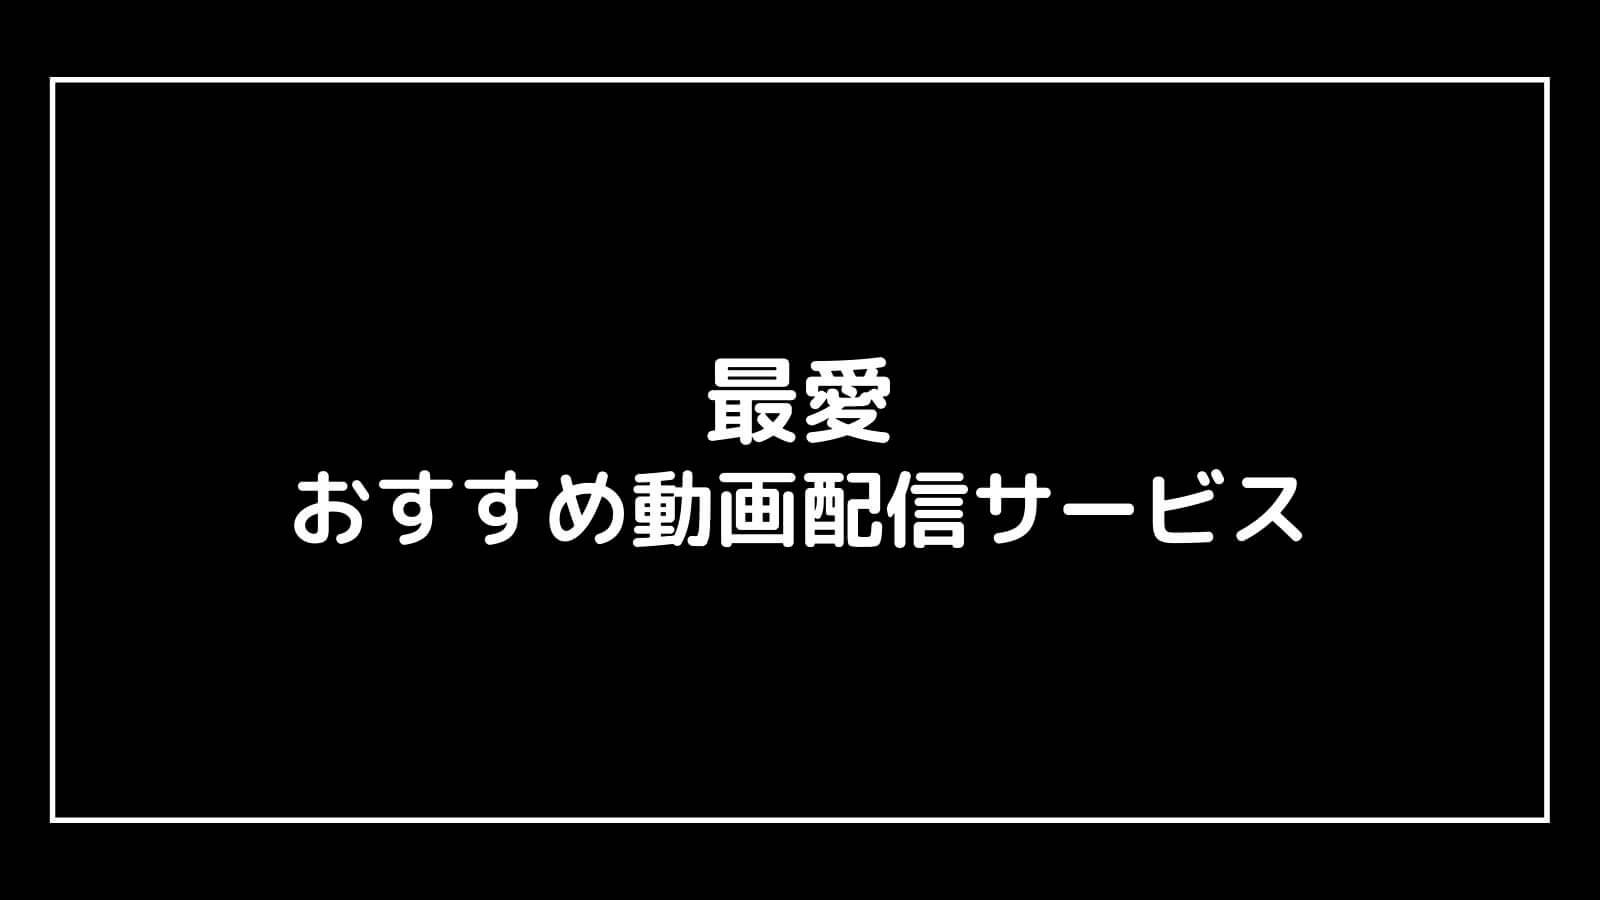 TBSドラマ『最愛』の見逃し動画配信を無料視聴できるおすすめサブスクまとめ